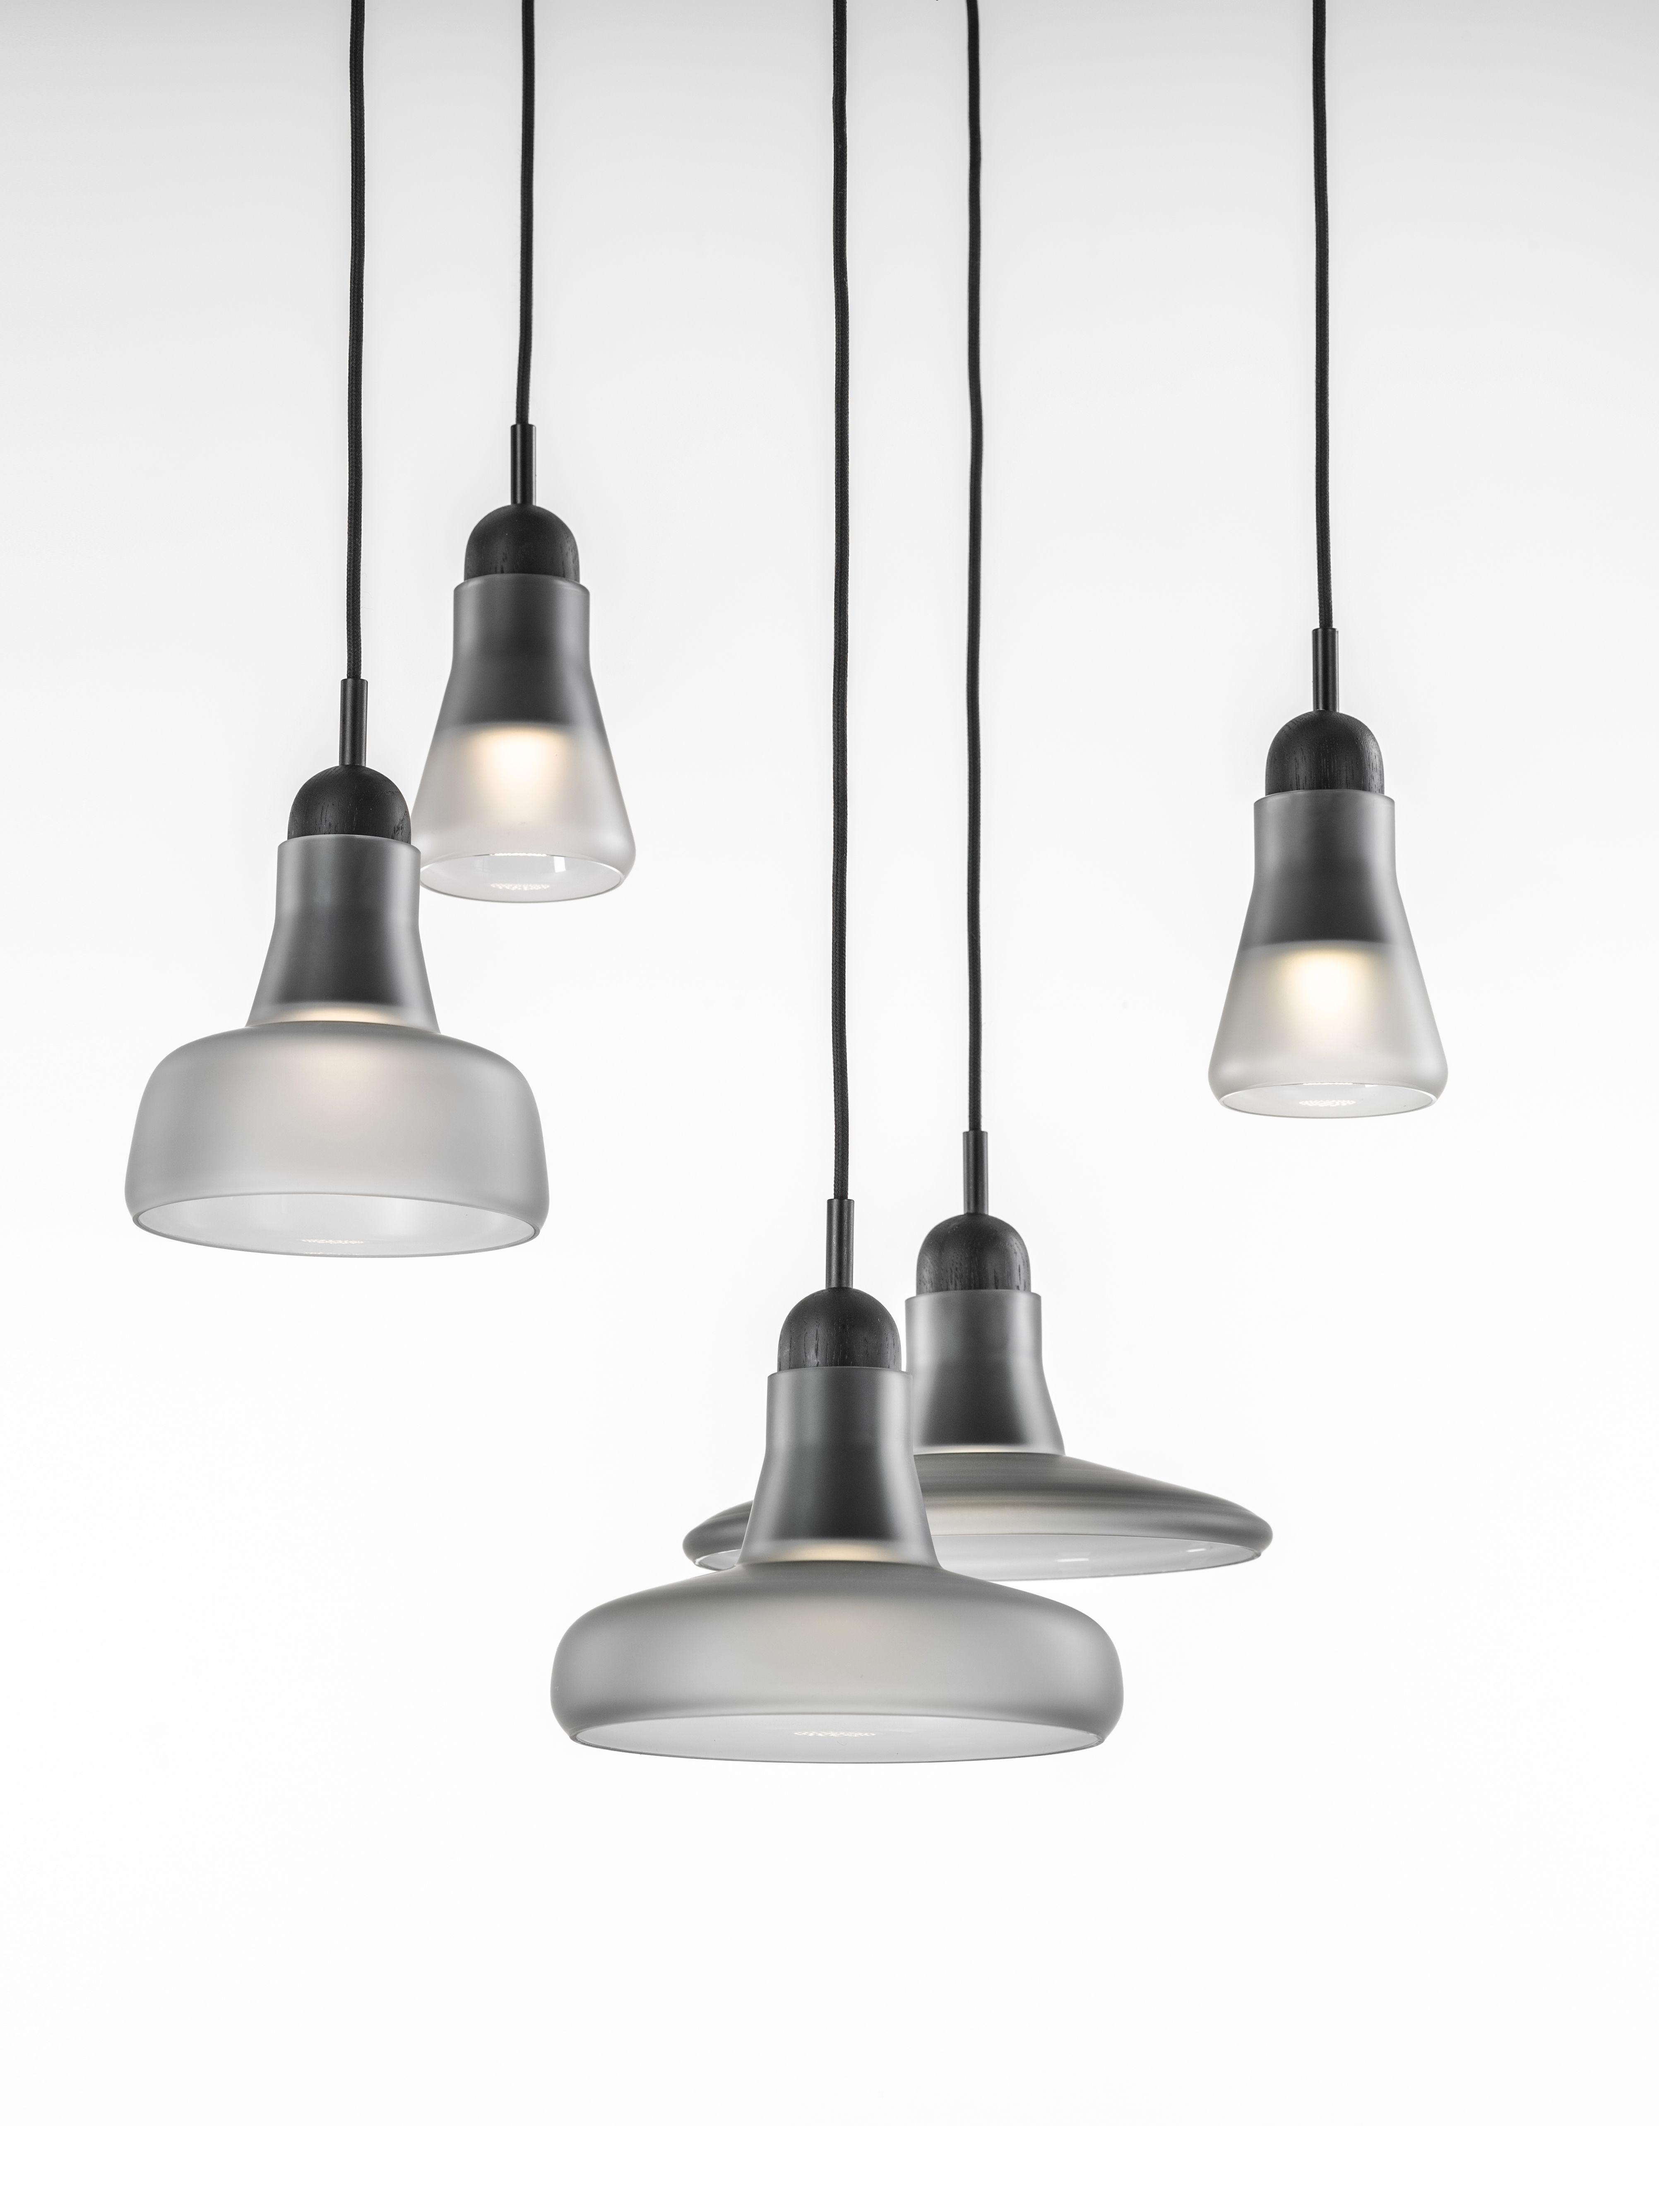 Brokis Lamp Designlight Designwhite Interiorshanging